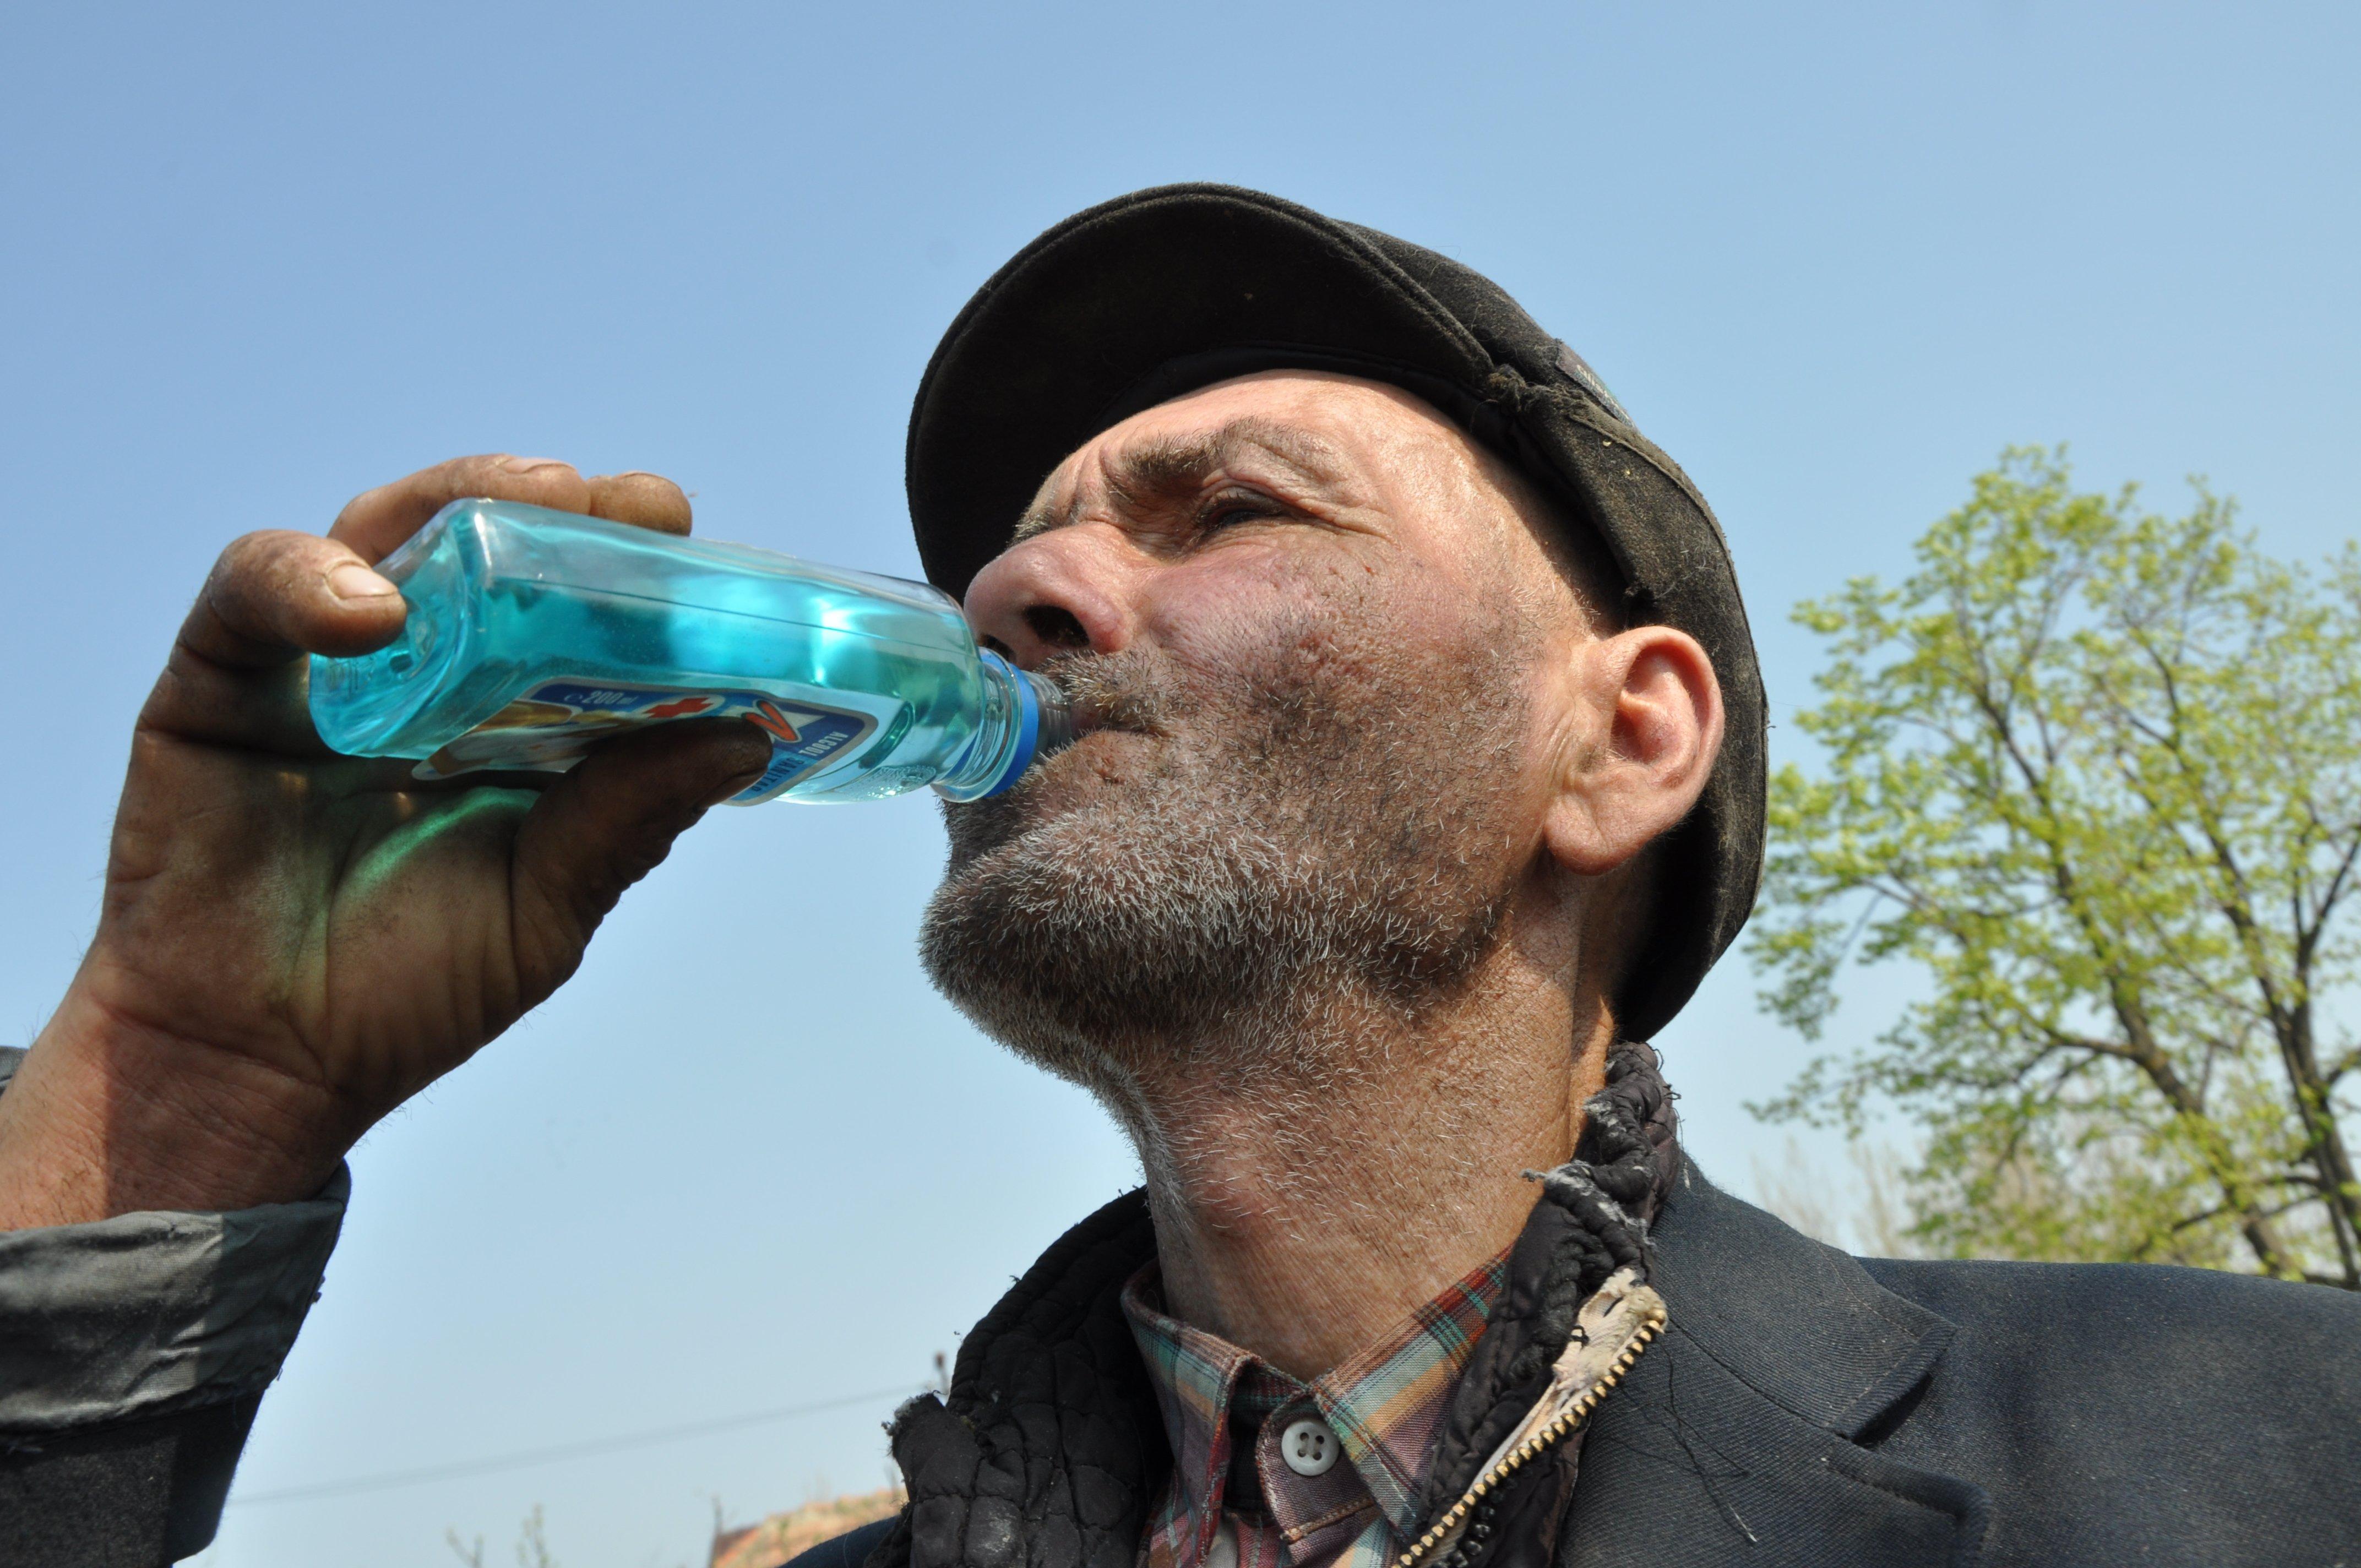 """Omul bea spirt medicinal! Bea cum aş beau eu apă. Alcool sanitar """"Mona"""". Când ridică sticluţa la gură, parcă n-ar avea nimic în mână. Cum e cerul de albastru, aşa e şi spirtul. (Foto: V. I.)"""